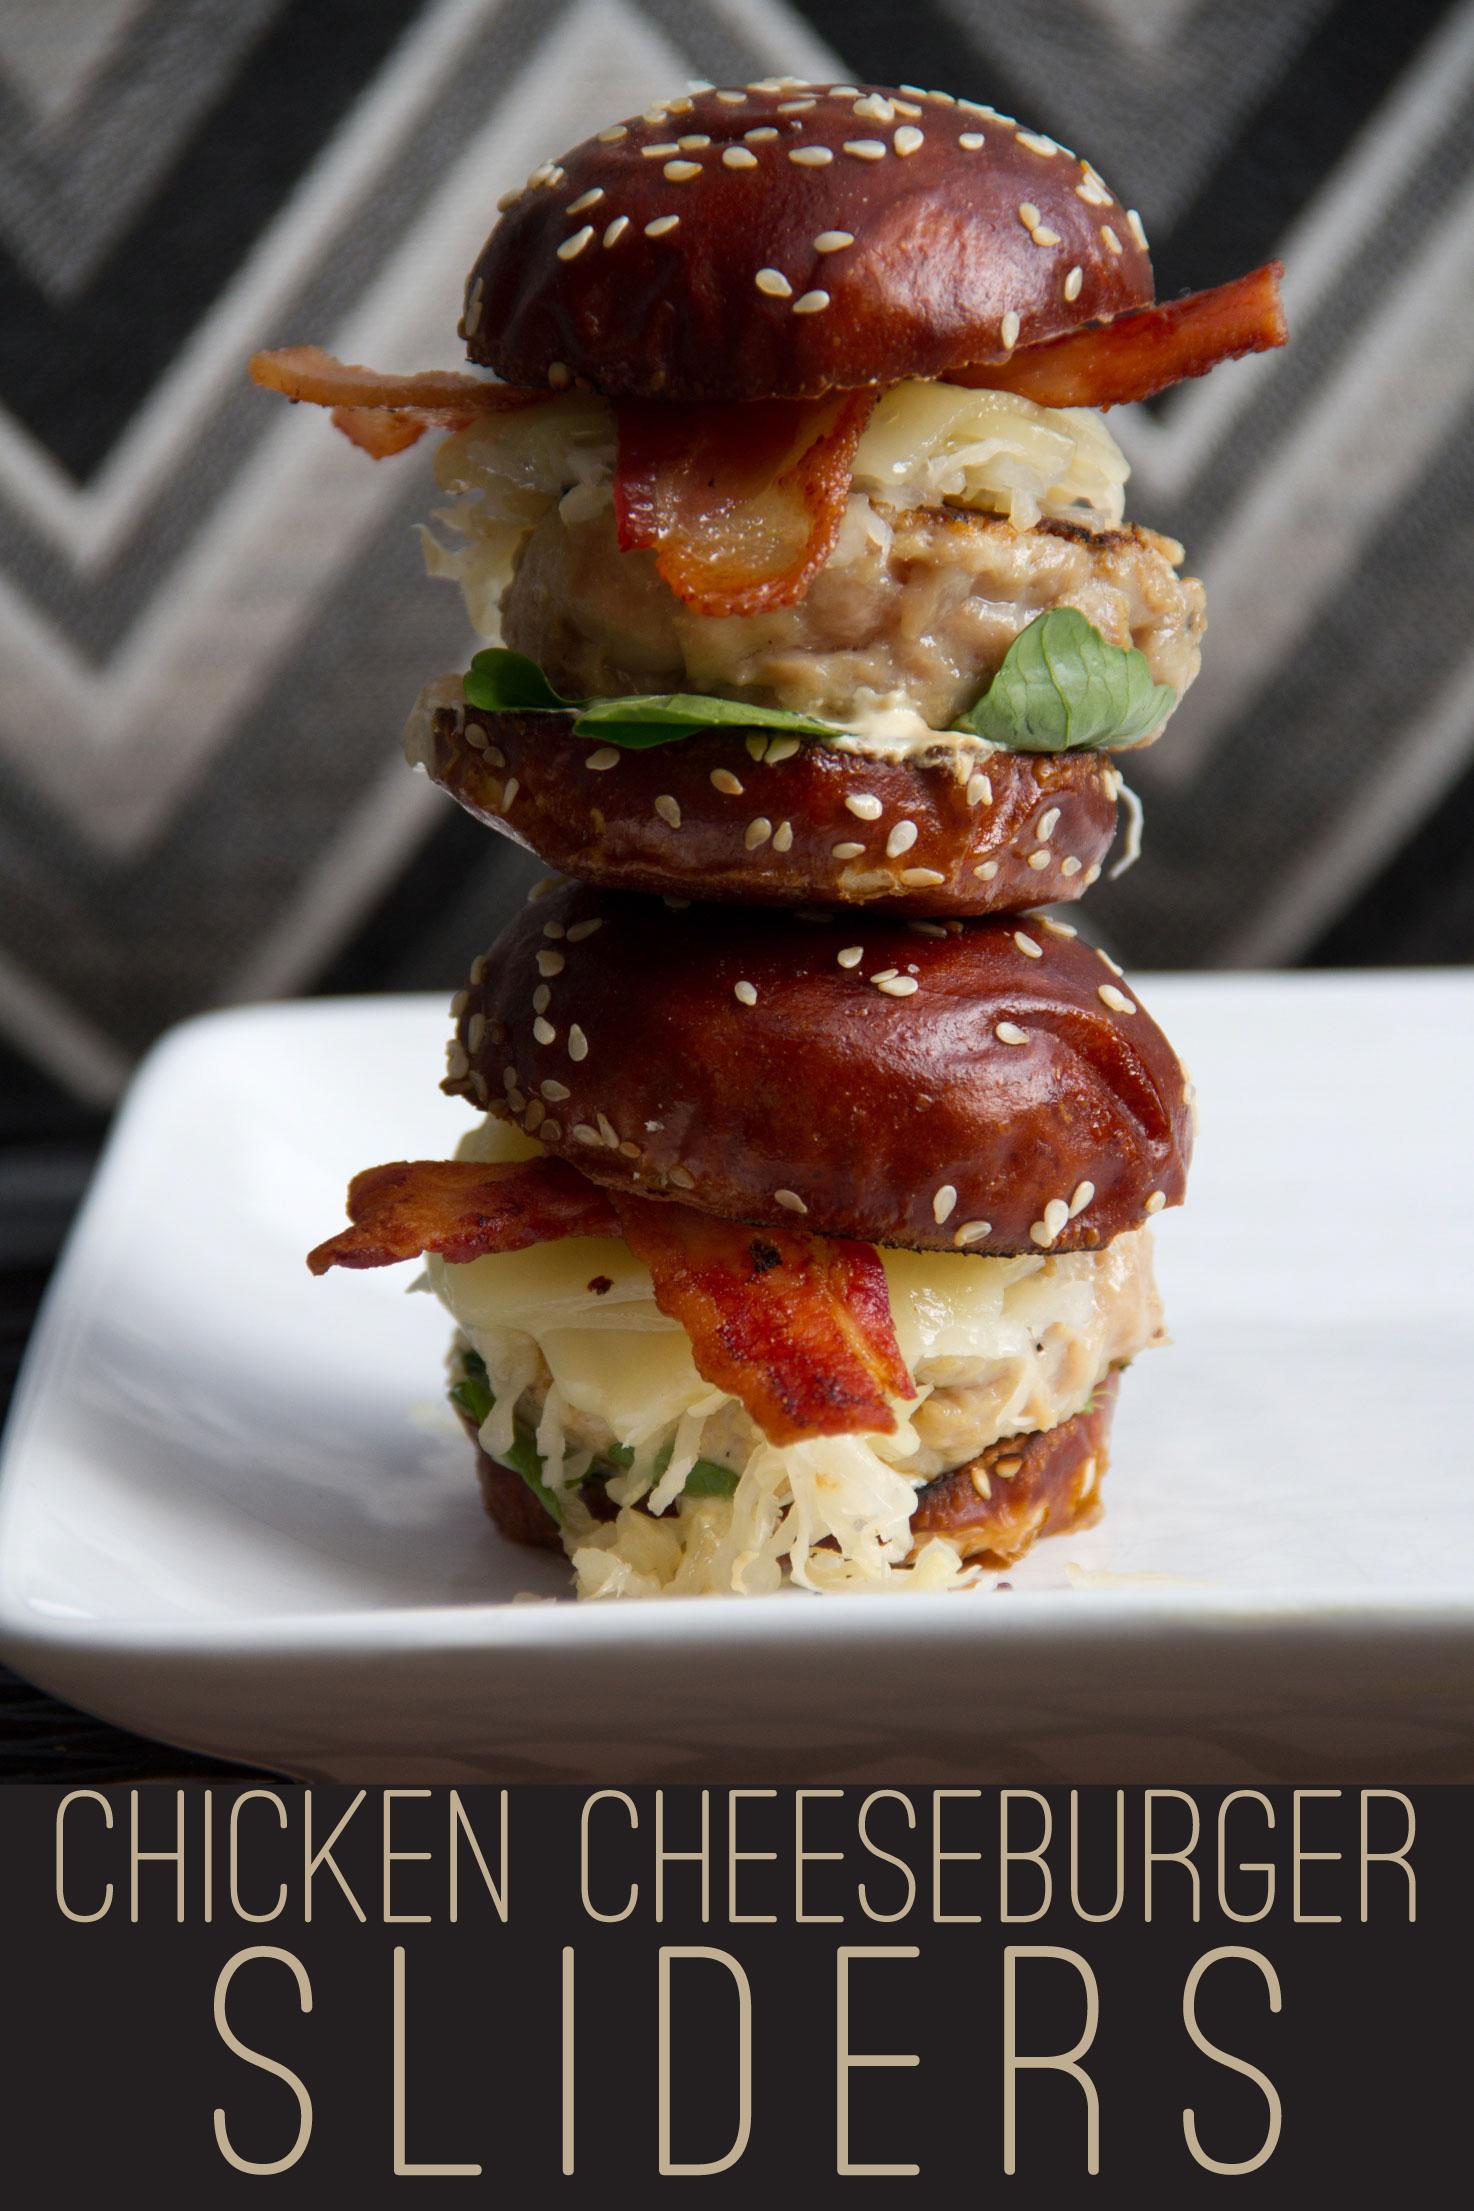 A Crazy Chicken Cheeseburger Collaboration